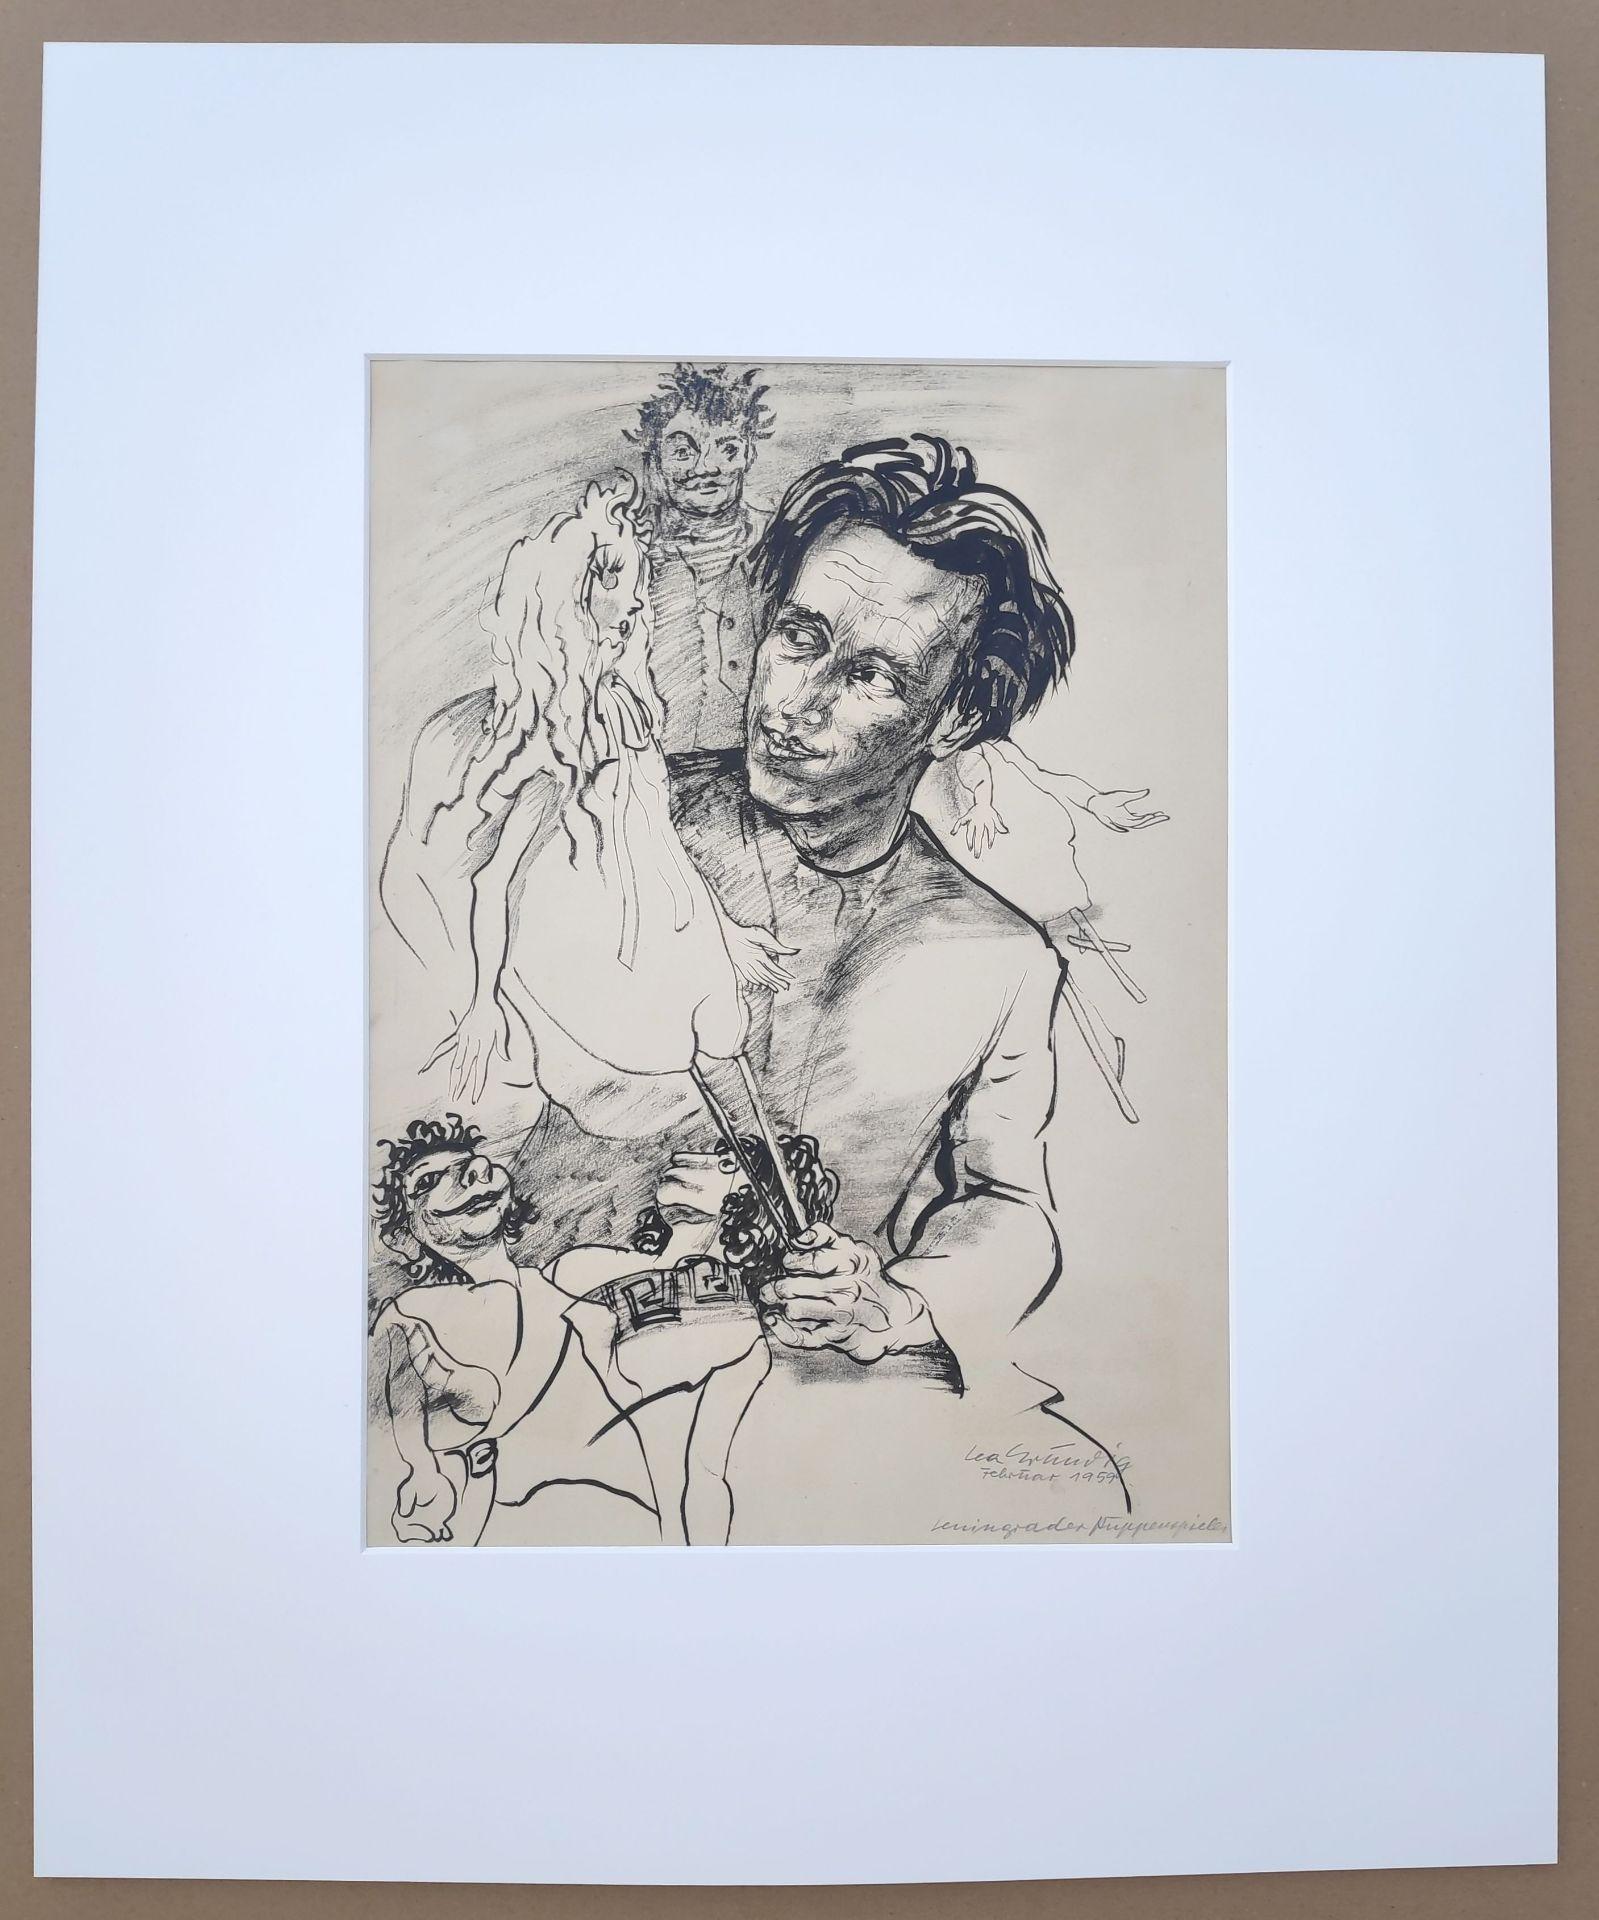 """Grundig, Lea (1906 Dresden - 1977 während einer Mittelmeerreise) """"Leningrader Puppenspieler"""" - Bild 2 aus 3"""